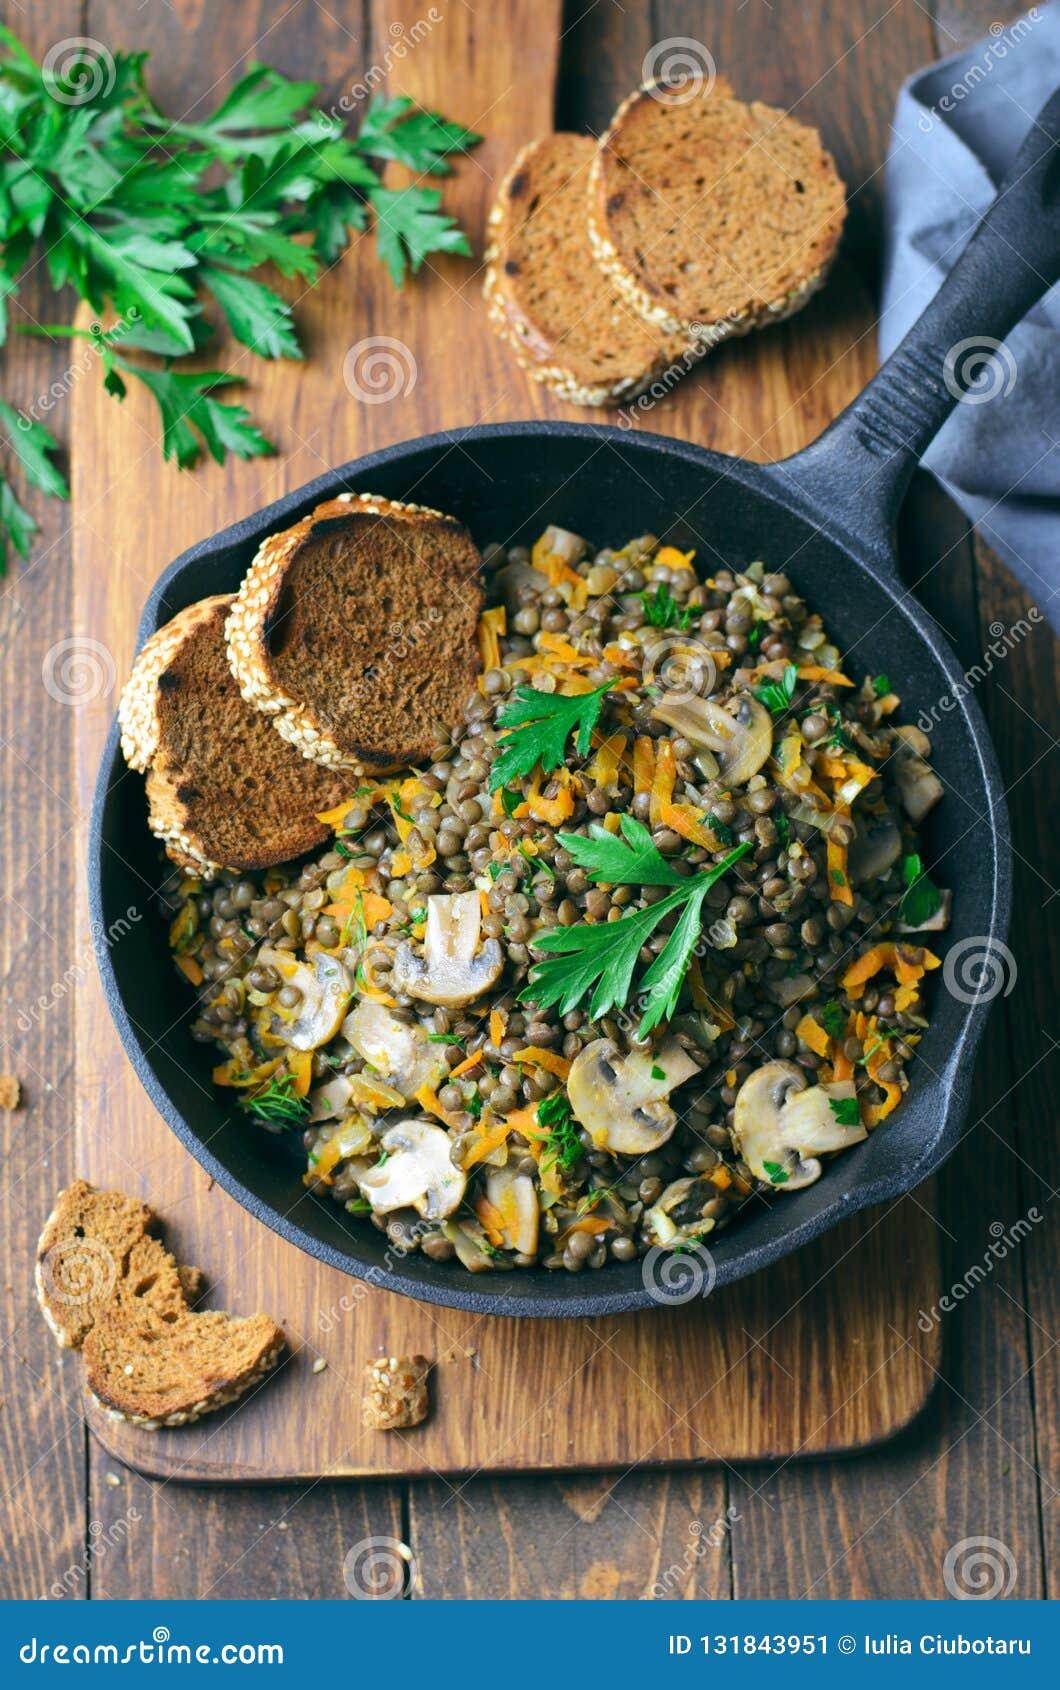 Linzen met Paddestoelen, Wortel en Kruiden in een Koekepan, Gezond Vegetarisch Voedsel